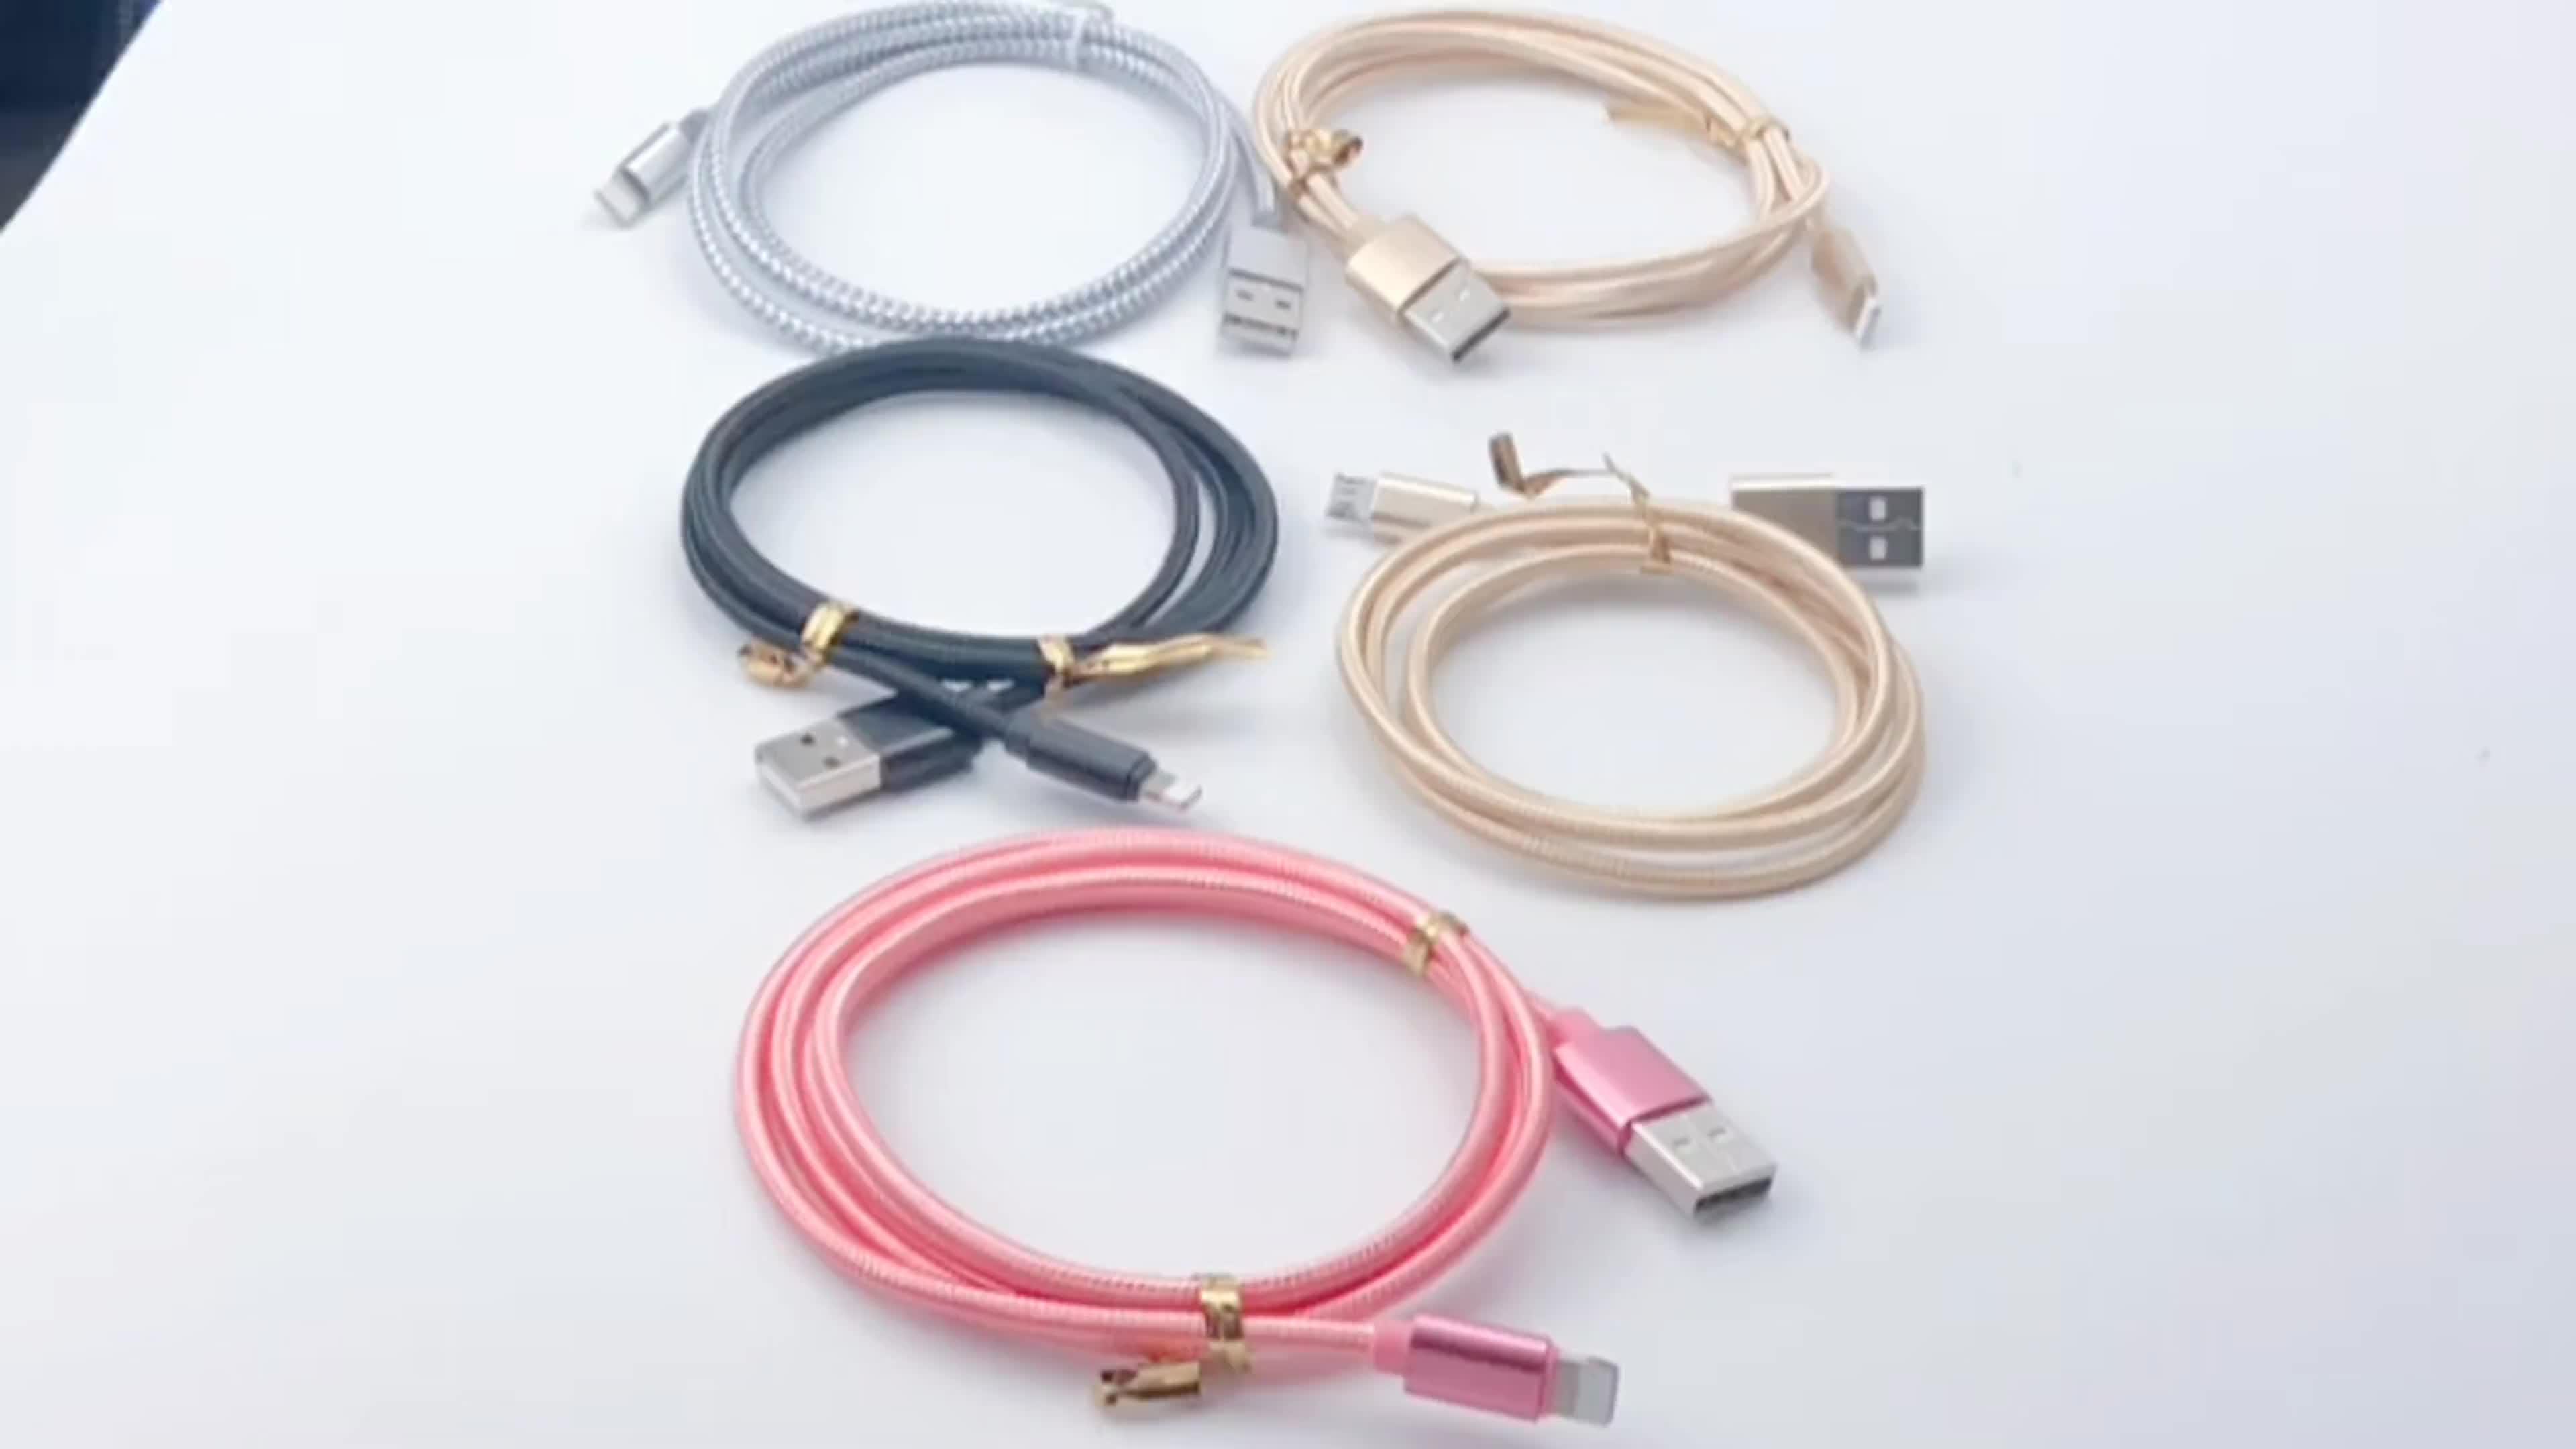 ขายส่งใหม่ 1 M 2.1A การชาร์จไฟอย่างรวดเร็วข้อมูลโทรศัพท์มือถือ Android Mini Type C Type - C Micro USB สำหรับ Samsung Iphone